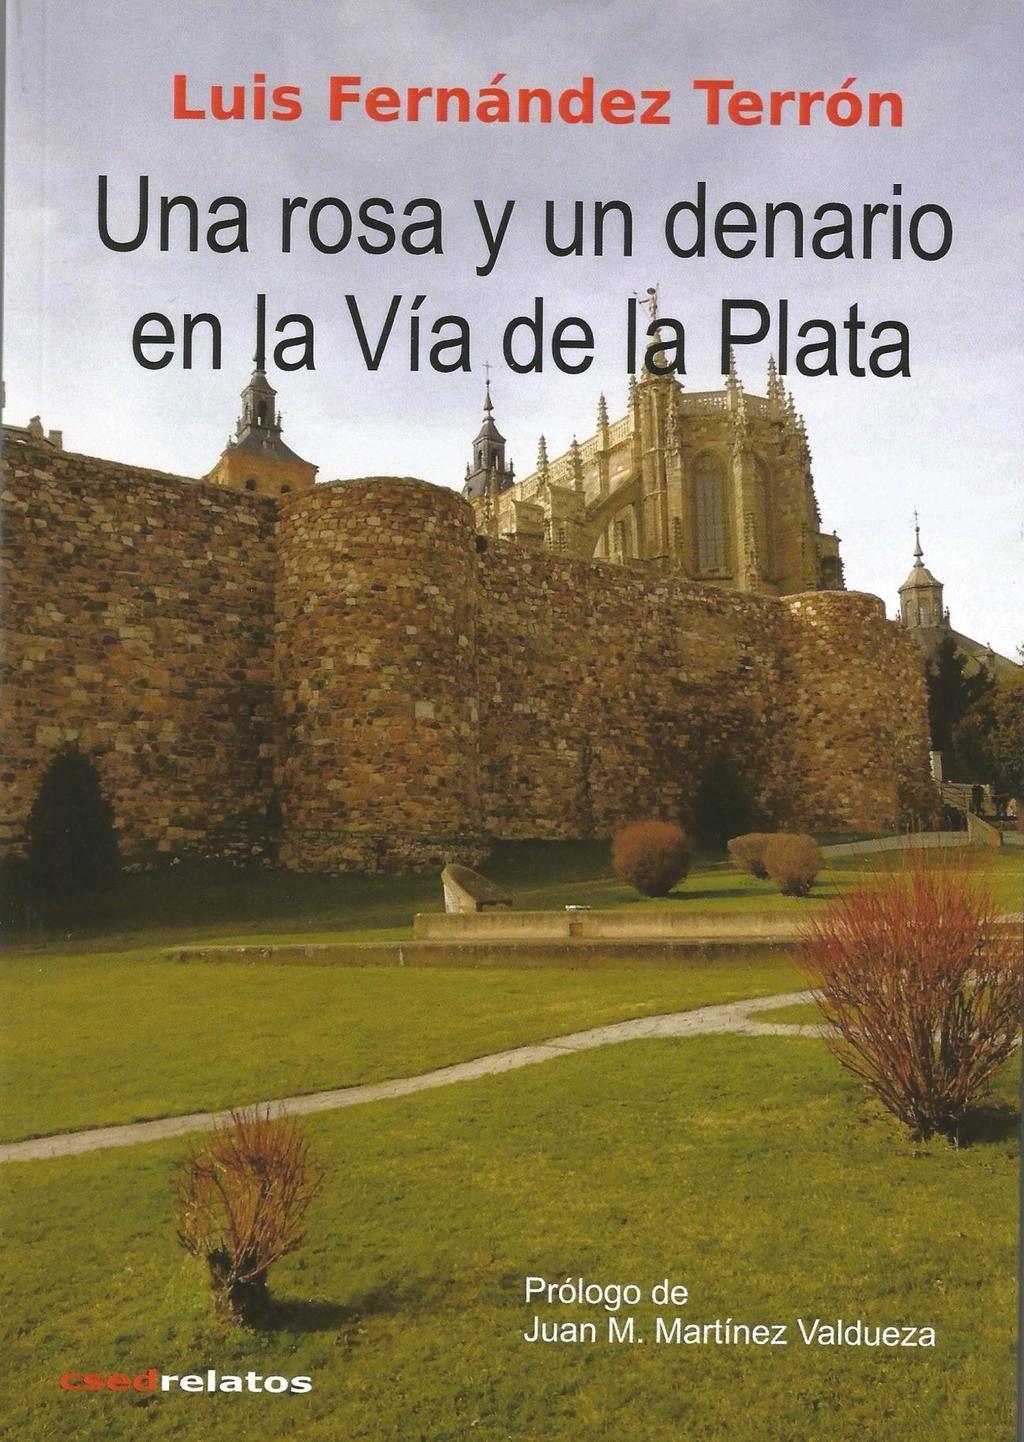 Una rosa y un denario en la Vía de la Plata, de Luis Fernández Terrón